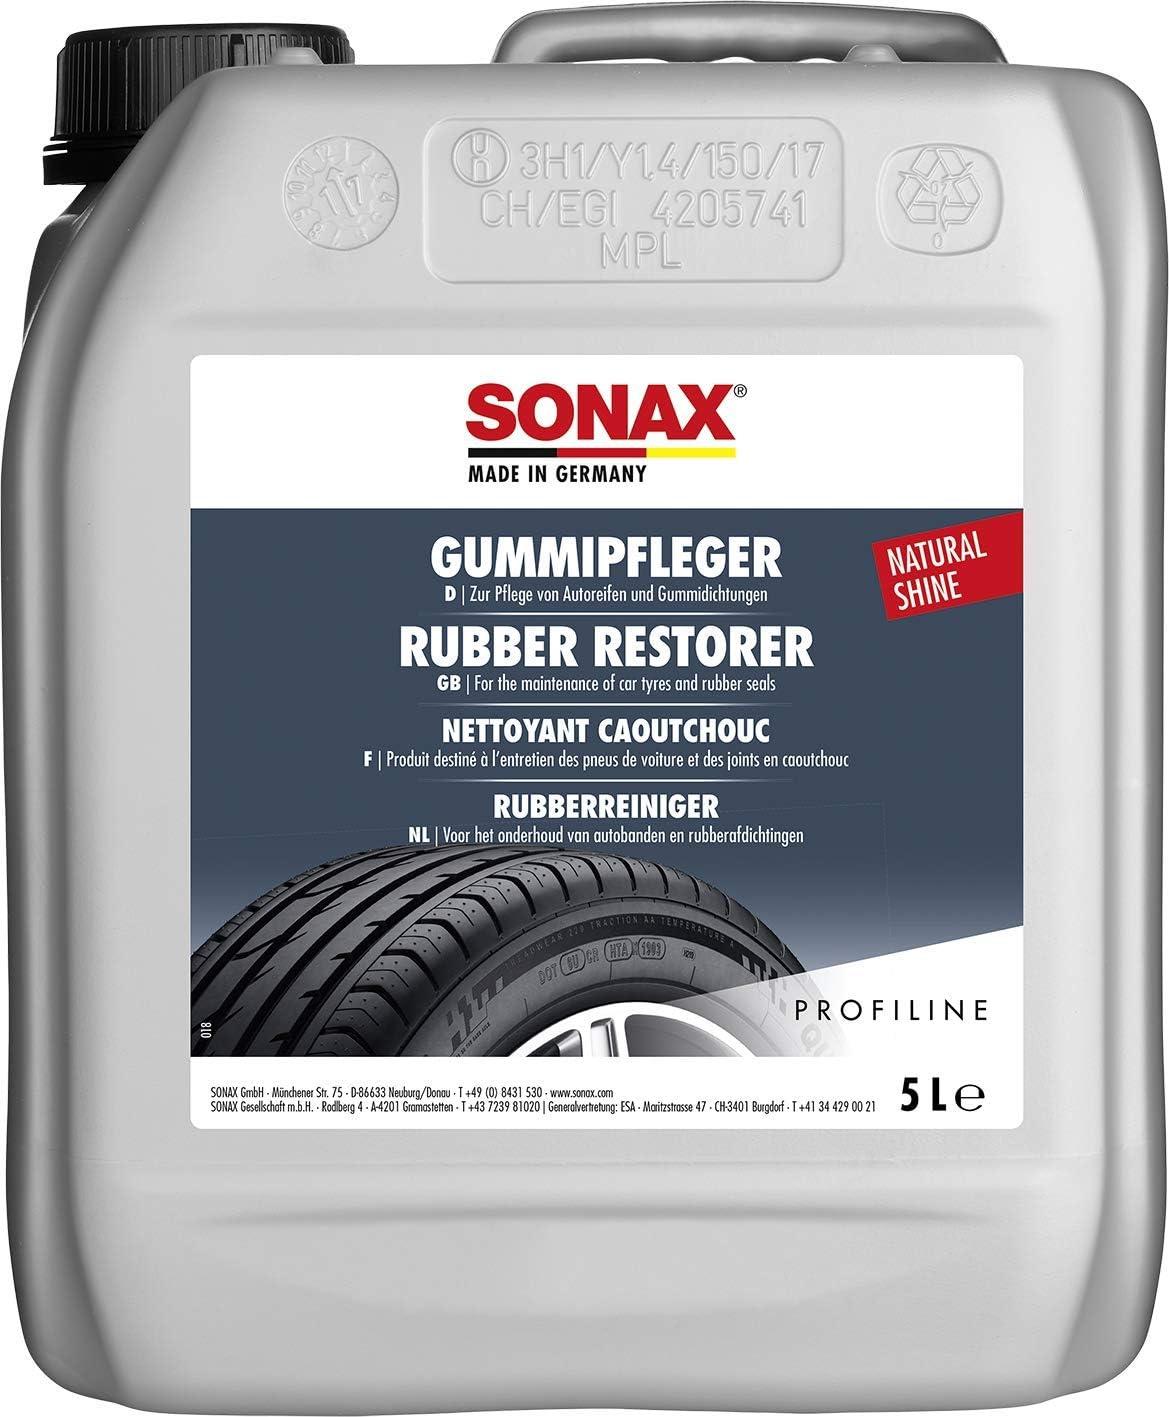 Sonax Profiline Gummipfleger 5 Liter Reinigt Und Pflegt Alle Gummiteile Am Auto Und Hält Sie Elastisch Art Nr 03405050 Auto